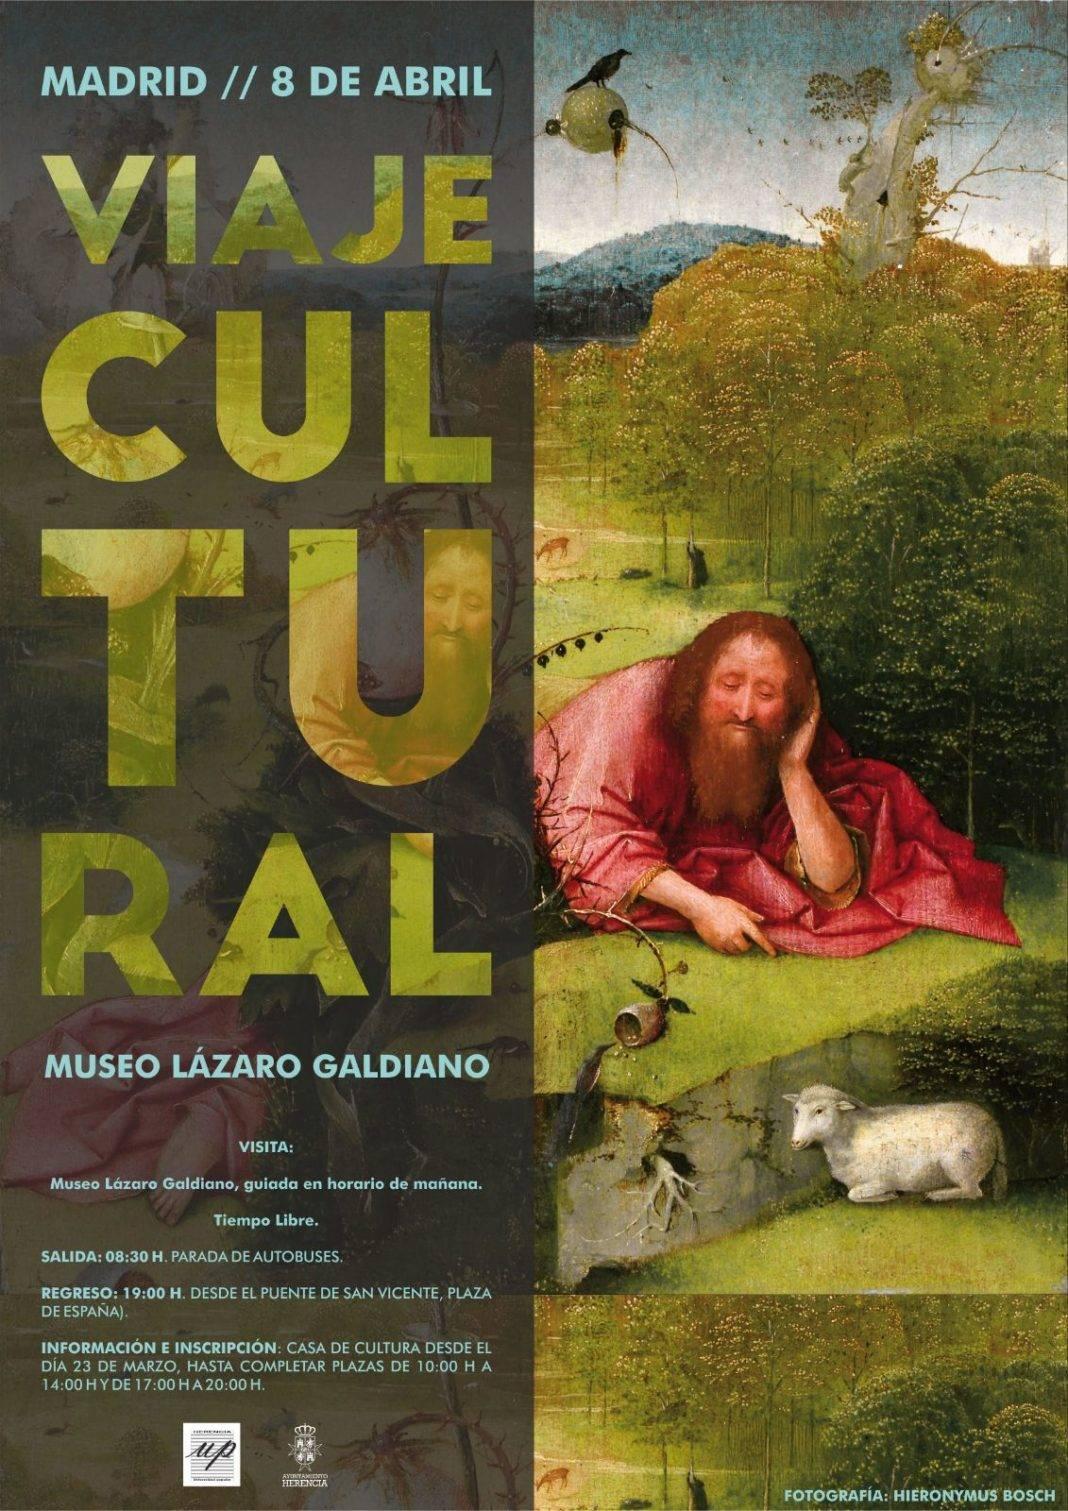 Viaje cultural al museo Lázaro Galdiano de Madrid 2